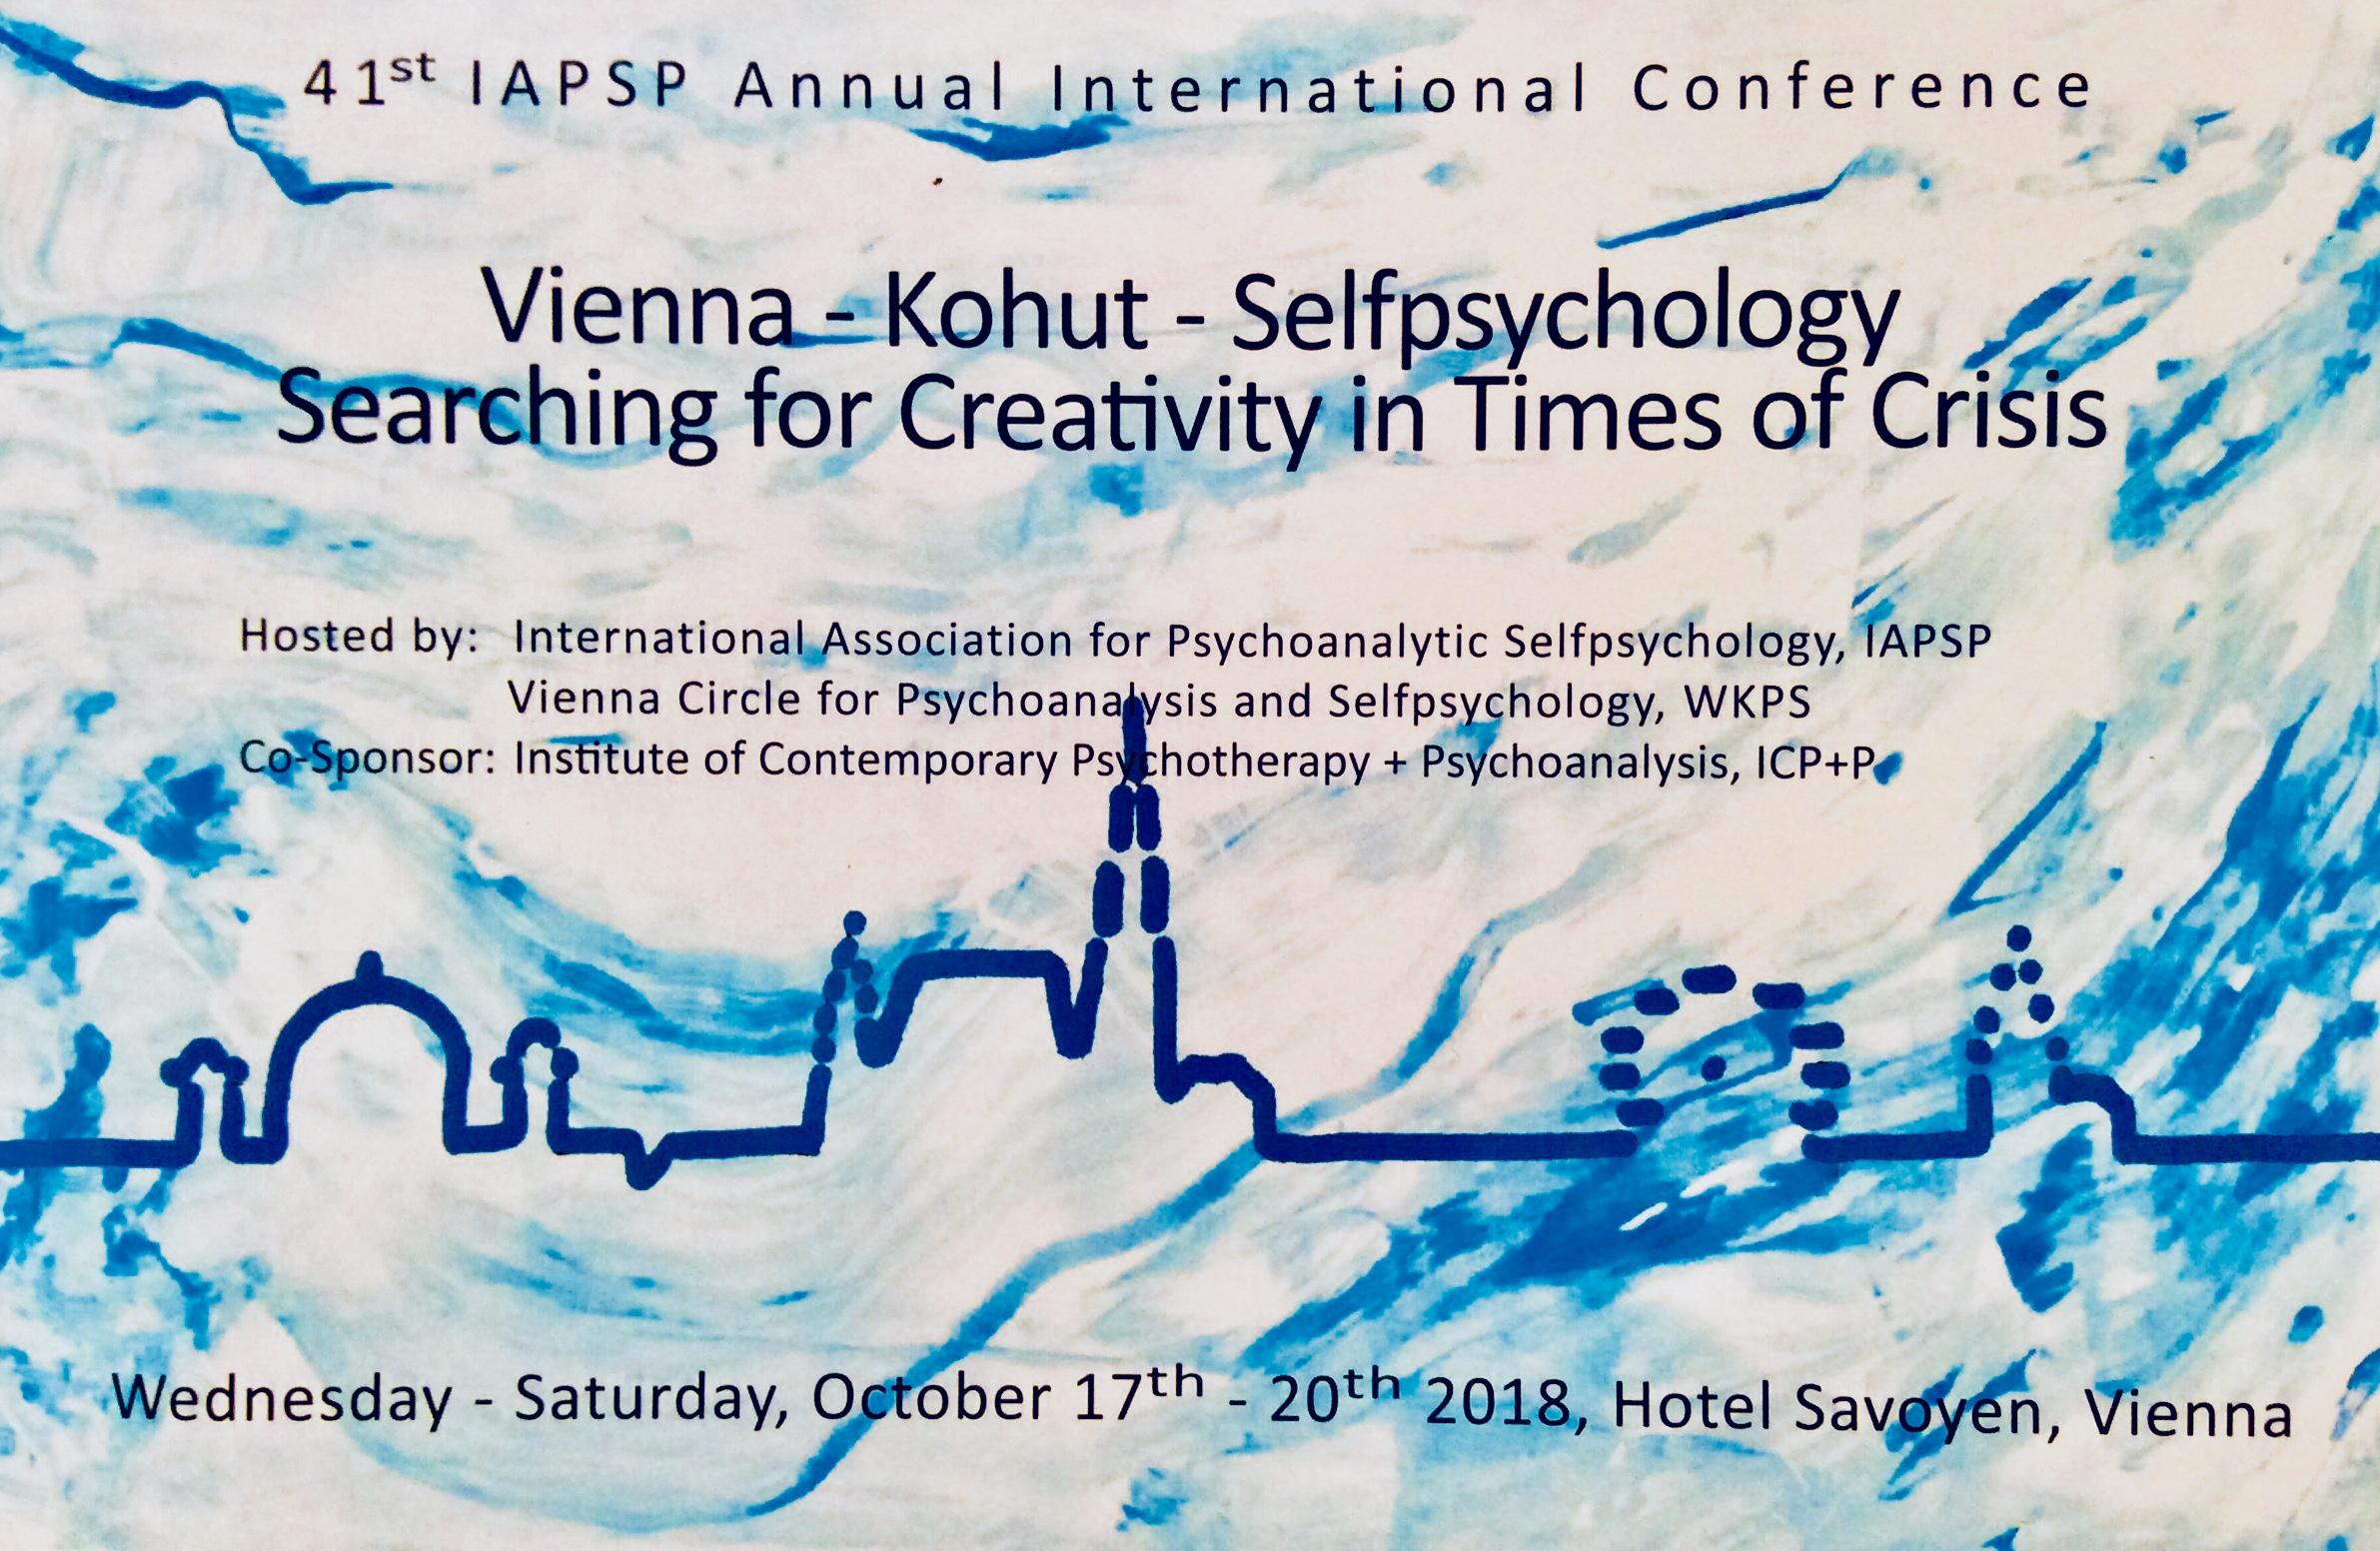 41ma Conferenza Internazionale Annuale dell'Associazione Internazionale per la Psicologia Psicoanalitica del Sé (IAPSP)